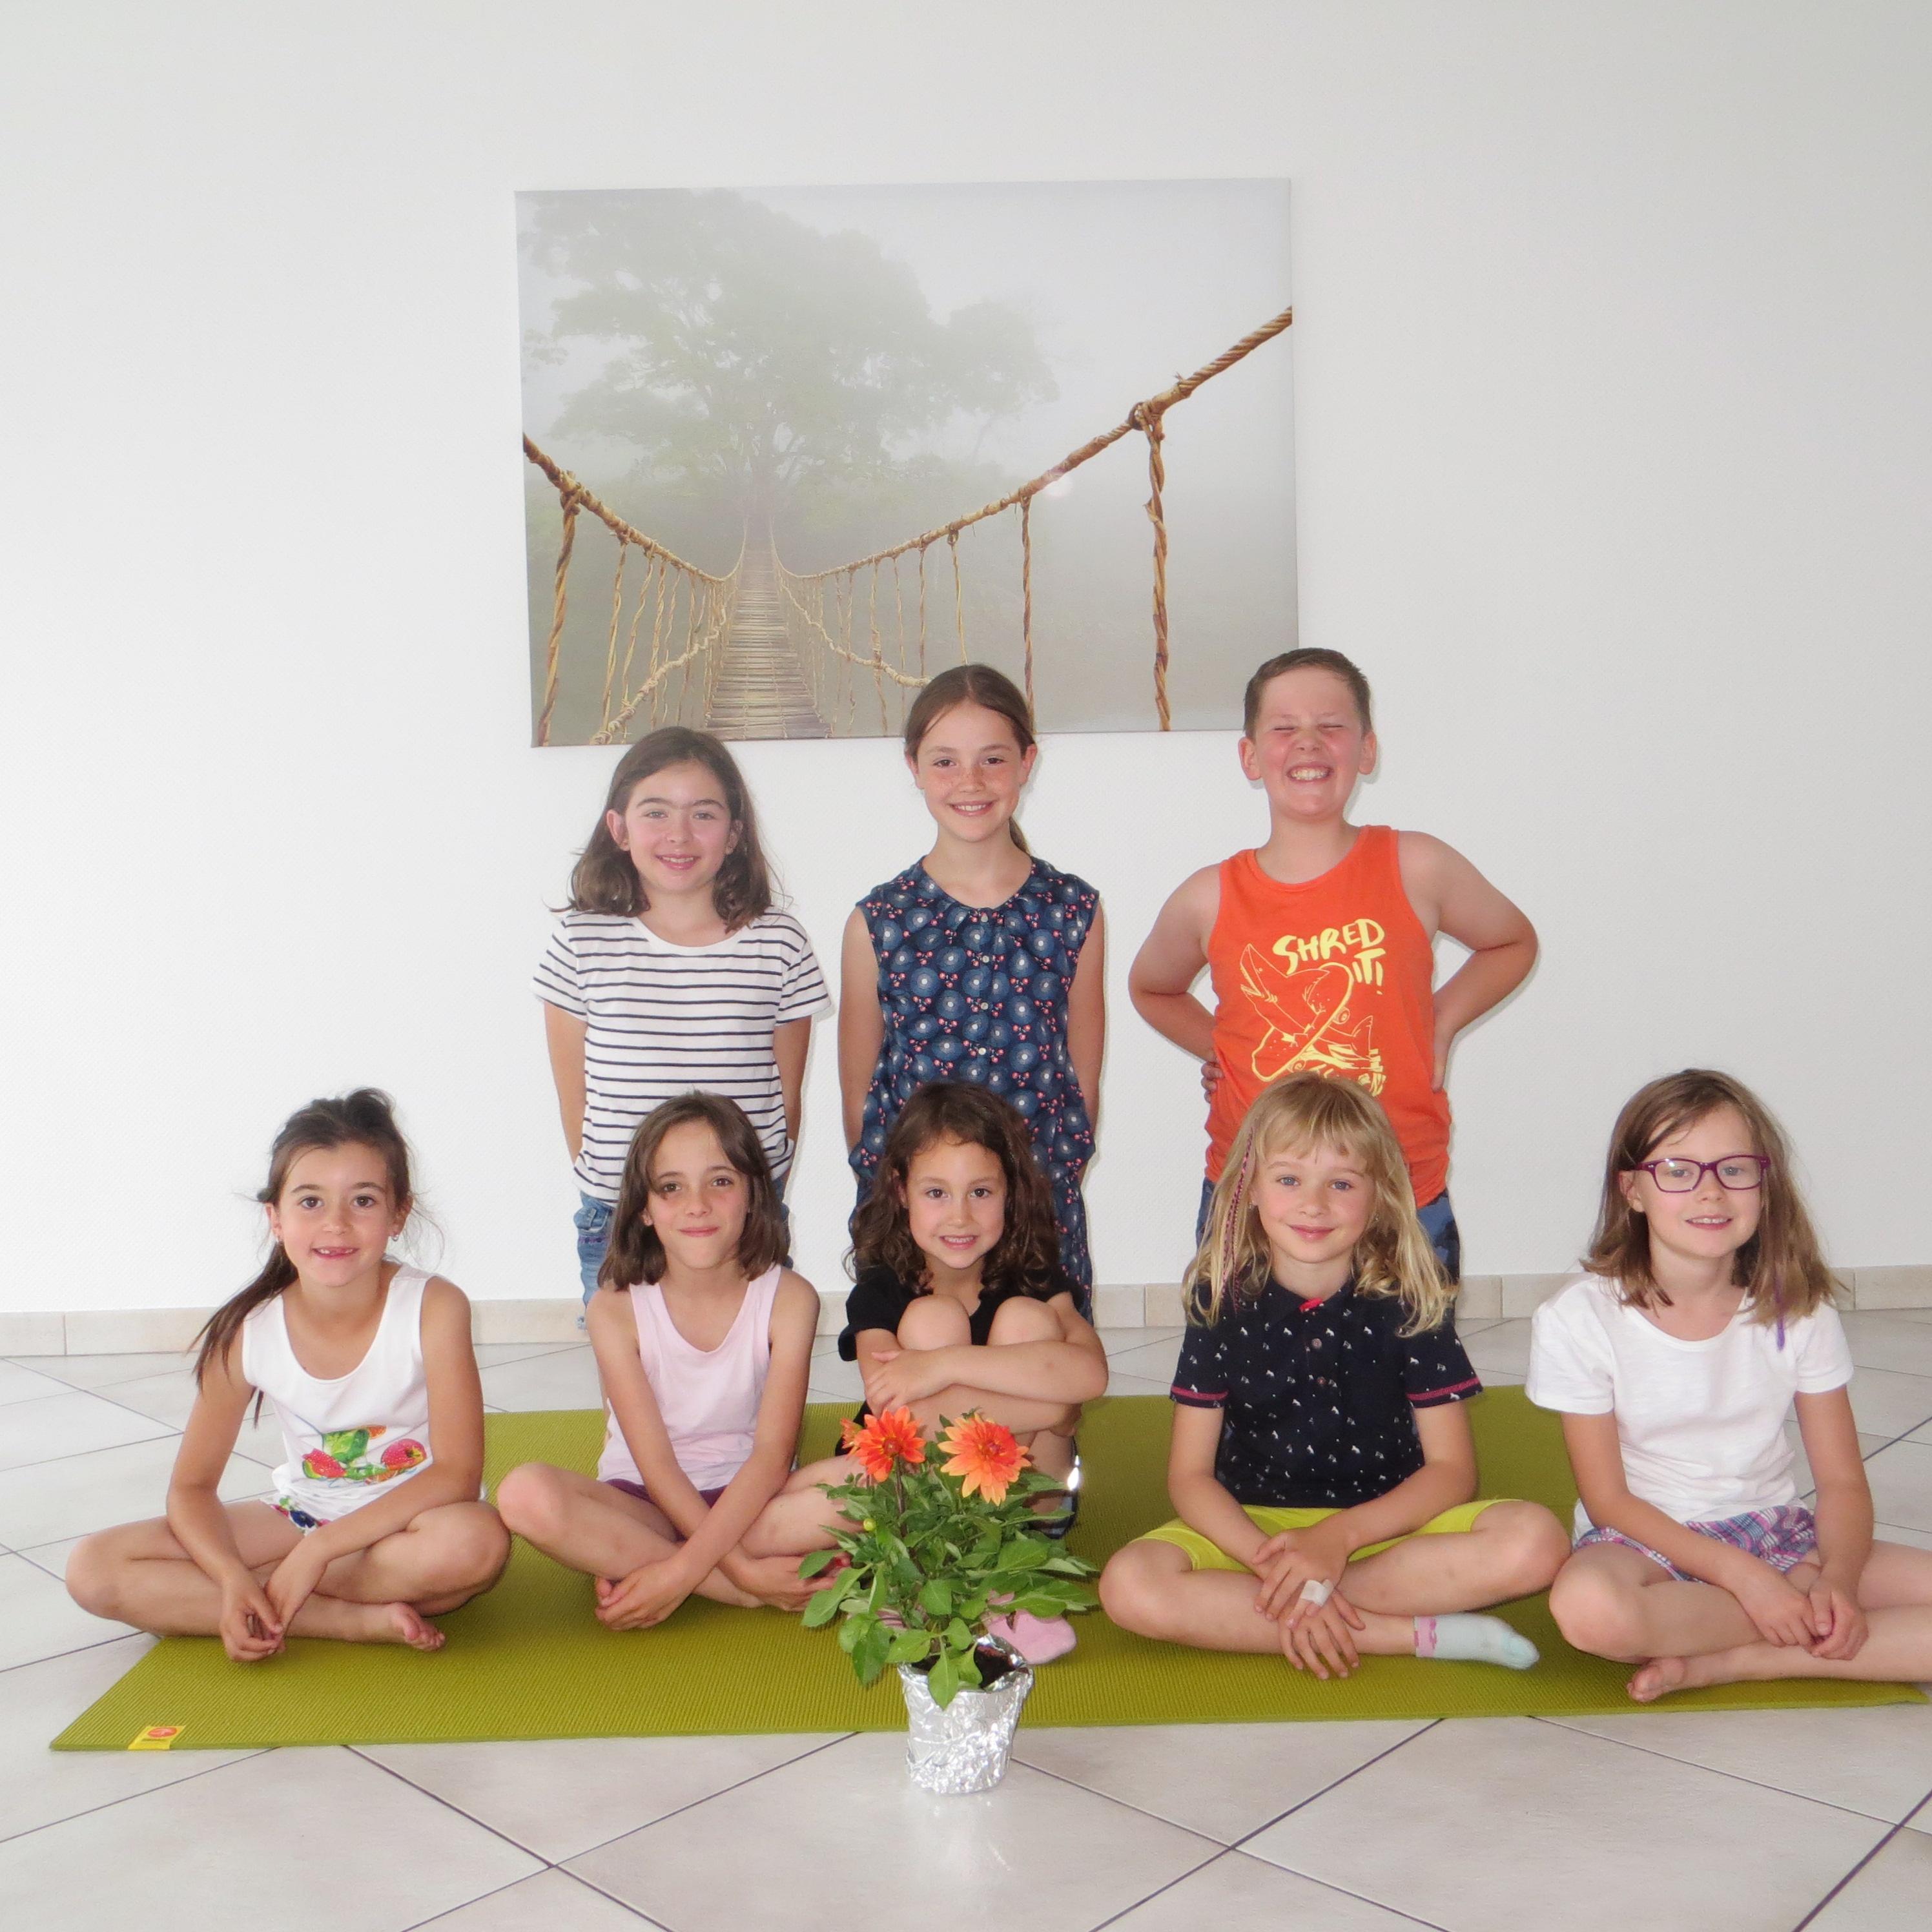 Groupe yoga enfant Cluses printemps 2018